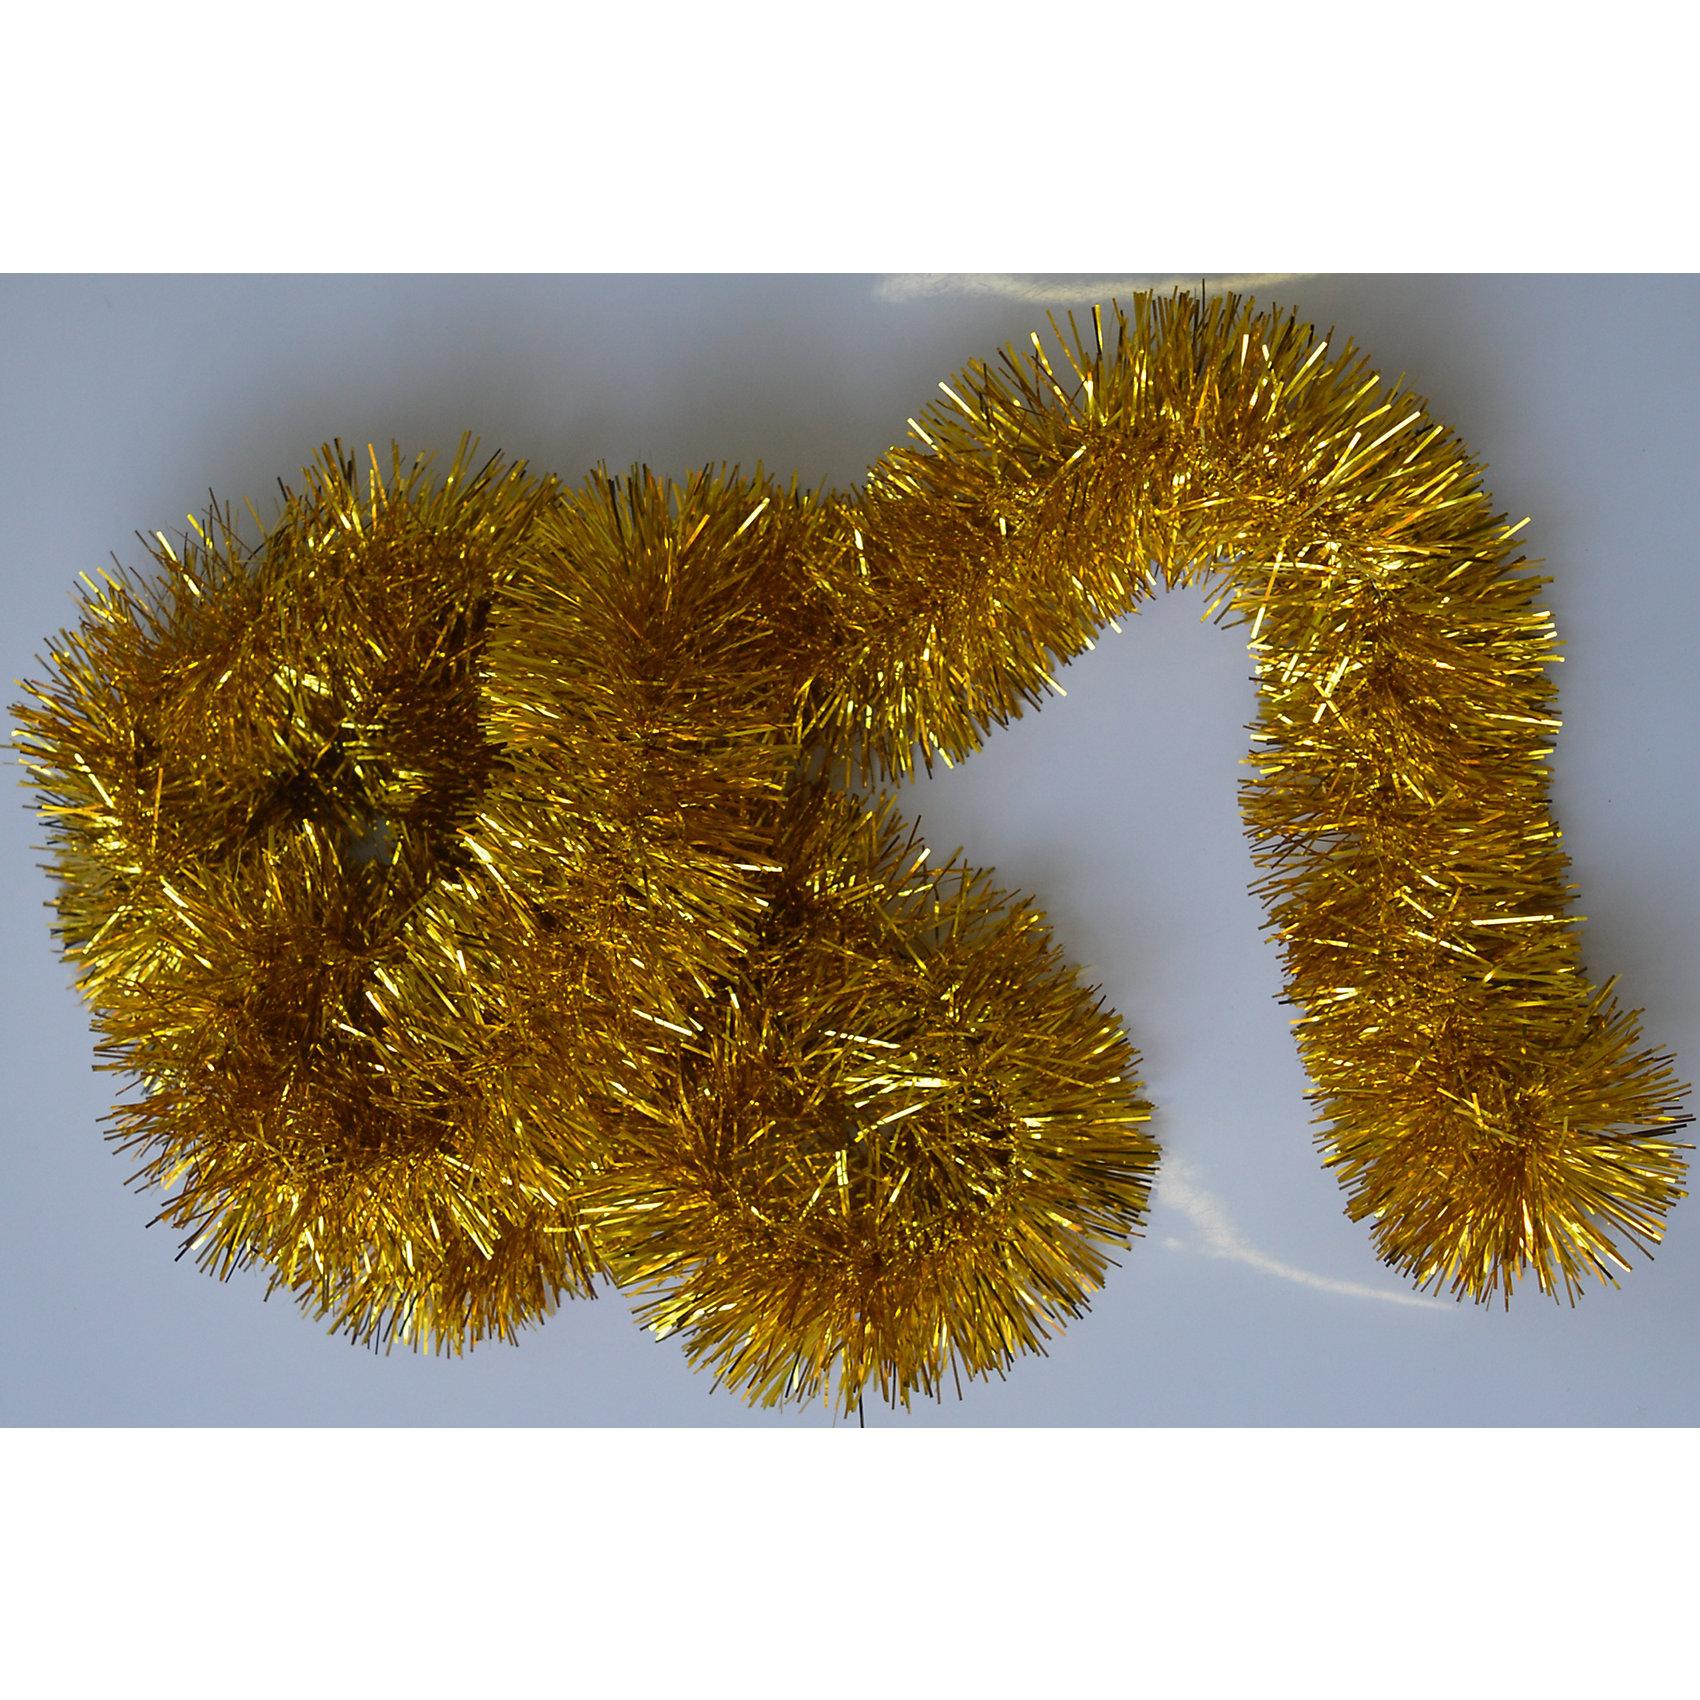 Новогодняя мишура, золото 9х200 арт.16514Всё для праздника<br>Мишура новогодняя золото 9х200 арт.16514 Мишура идеально подойдет для оформления Вашего новогоднего праздника.<br>Из Мишуры очень просто воплотить Ваши дизайнерские идеи в  жизнь, благодаря тонкой проволке внутри, мишура легко принимает ту форму, которую Вам необходимо. Удачи в Ваших Новогодних задумках!<br><br>Ширина мм: 2000<br>Глубина мм: 90<br>Высота мм: 90<br>Вес г: 50<br>Возраст от месяцев: 72<br>Возраст до месяцев: 480<br>Пол: Унисекс<br>Возраст: Детский<br>SKU: 5051672